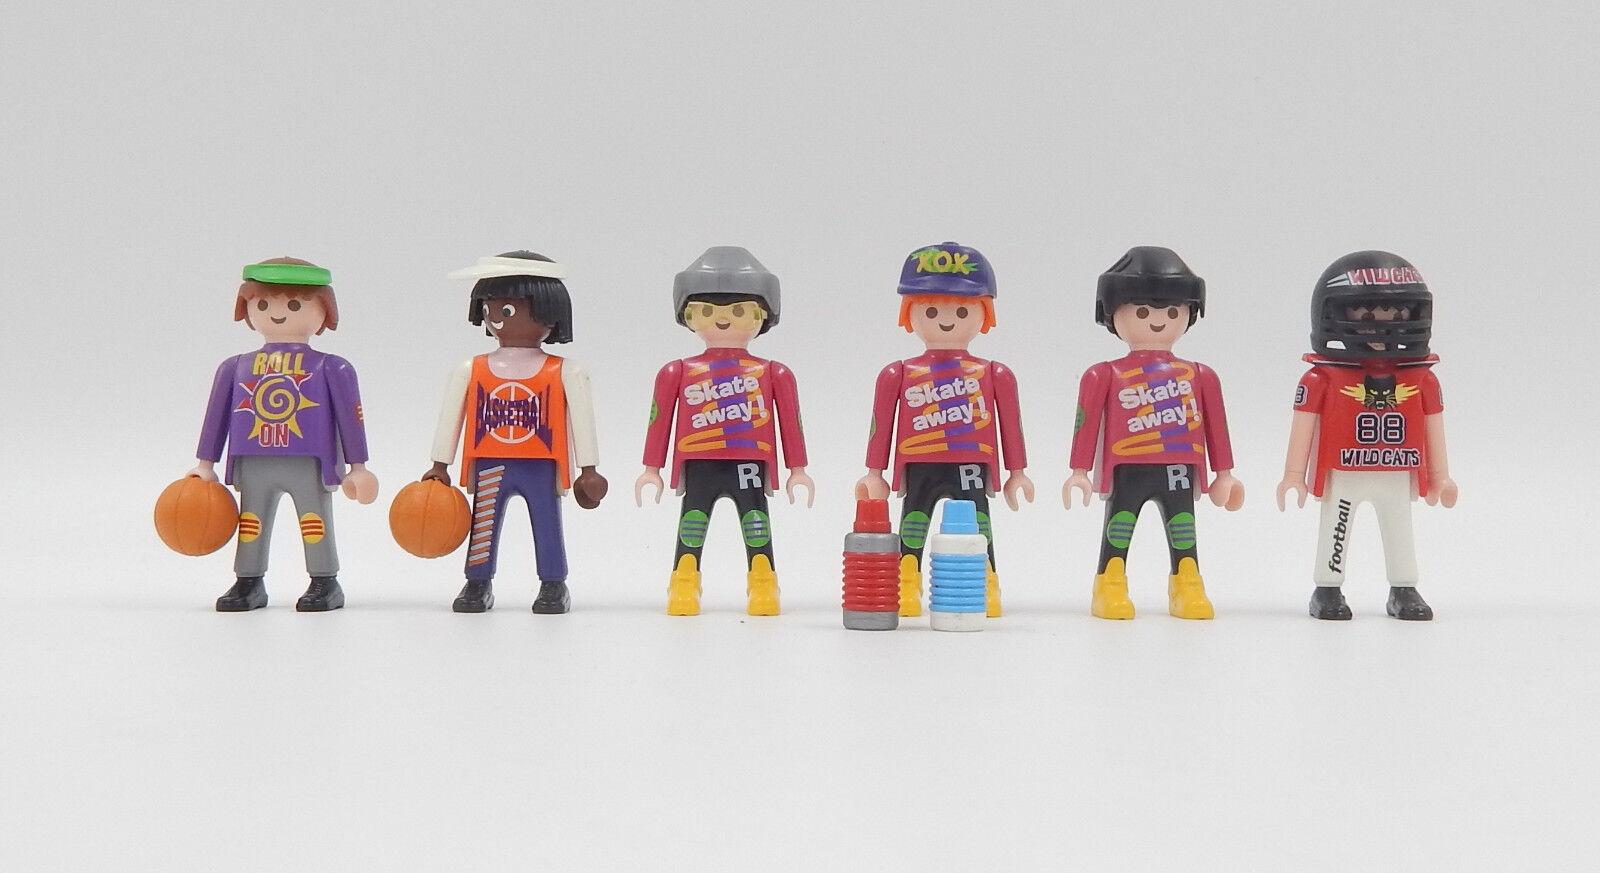 Playmobil Freizeit & Sport Figuren Basketball Football Skate